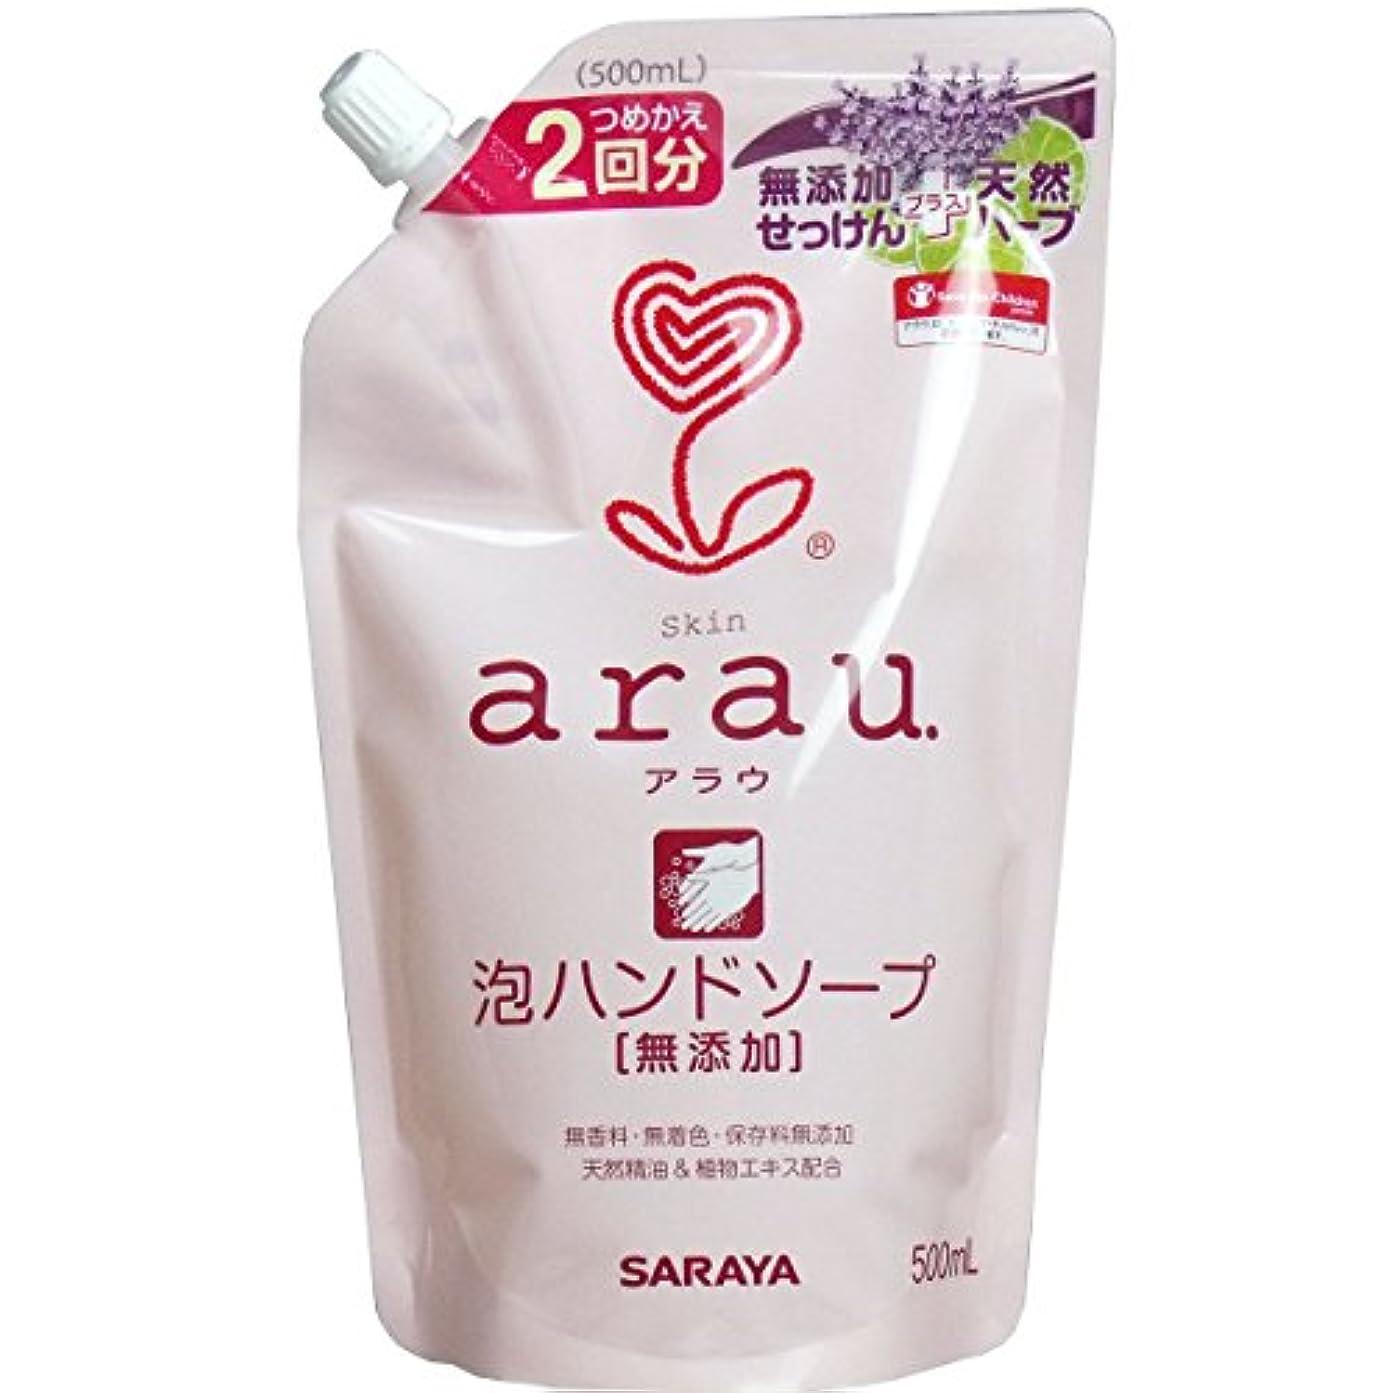 エキスパート二度提供【日本製】(まとめ買い)arau.(アラウ) 泡ハンドソープ つめかえ用 500ml×10セット